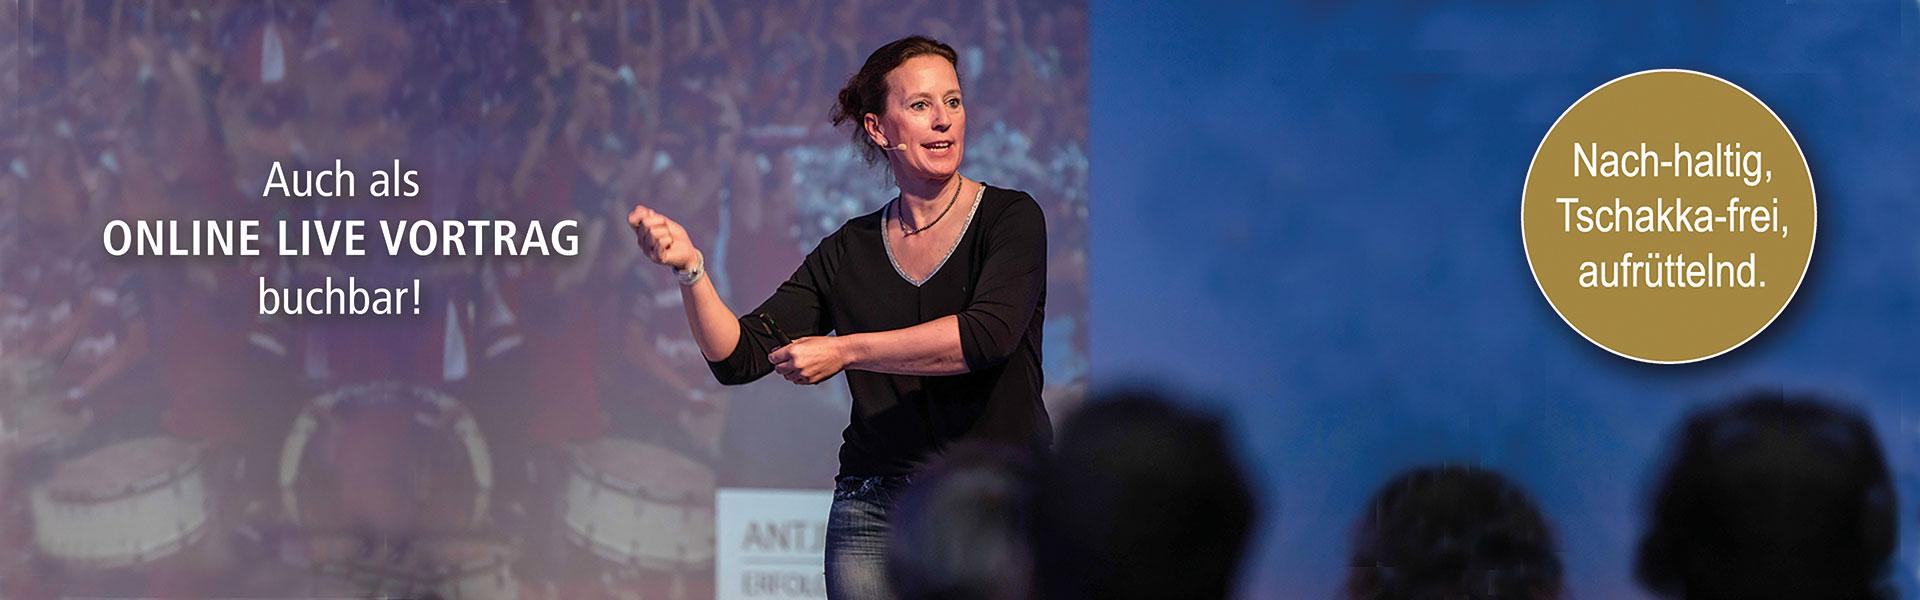 """Antje Heimsoeth Impulsvortrag """"FÜHRUNGSSTÄRKE"""" in Zeiten von Digitalisierung und Globalisierung"""